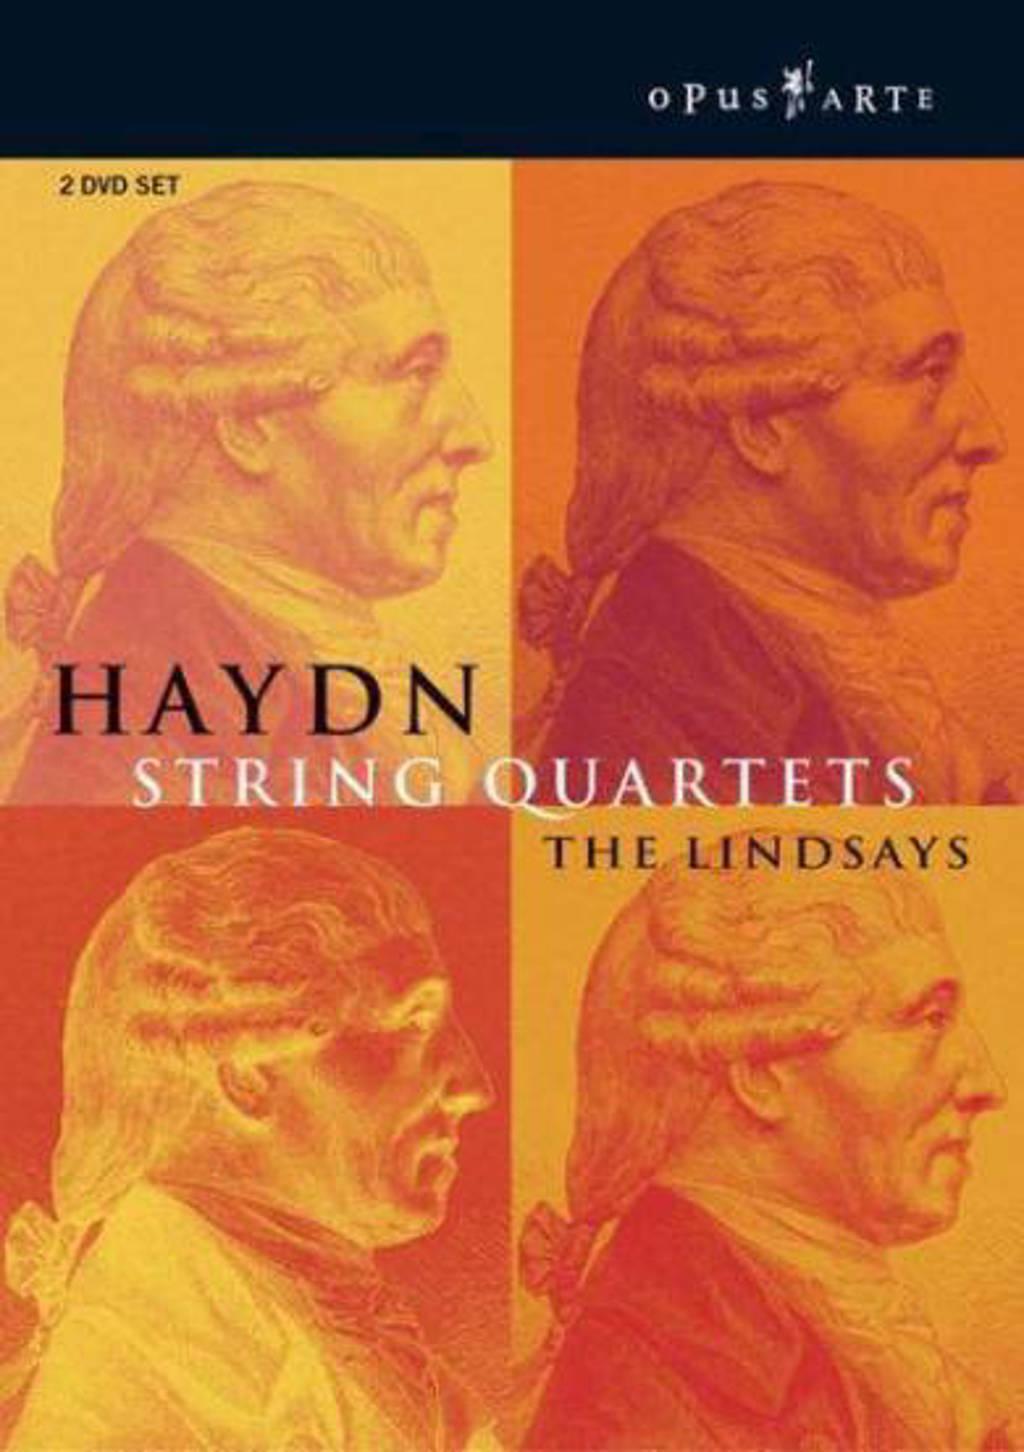 The Lindsays - String Quartets (DVD)